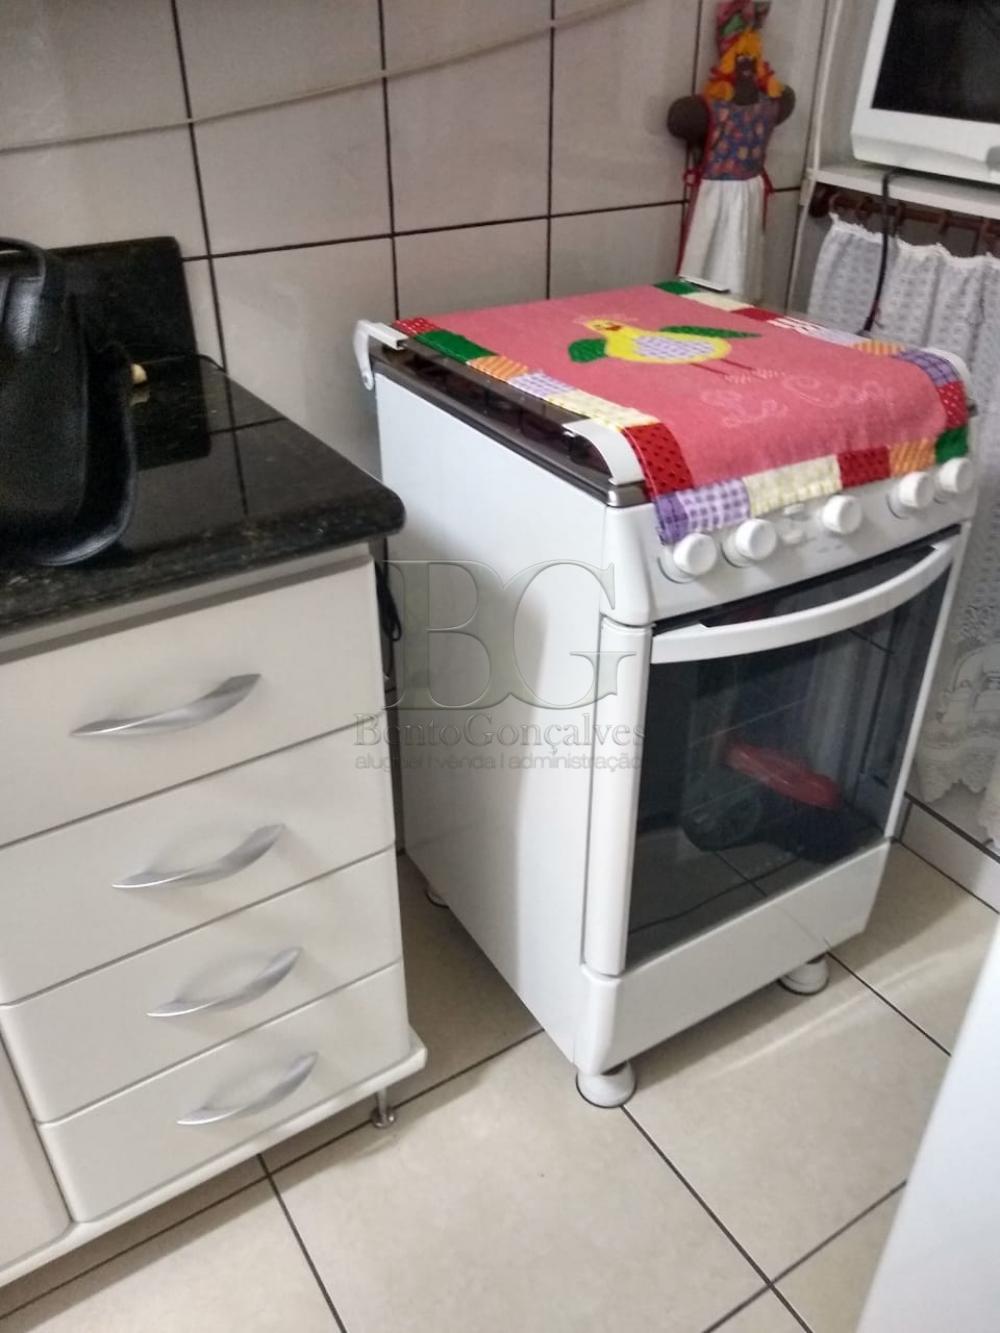 Comprar Apartamentos / Predio comercial e Residencial em Poços de Caldas apenas R$ 400.000,00 - Foto 5